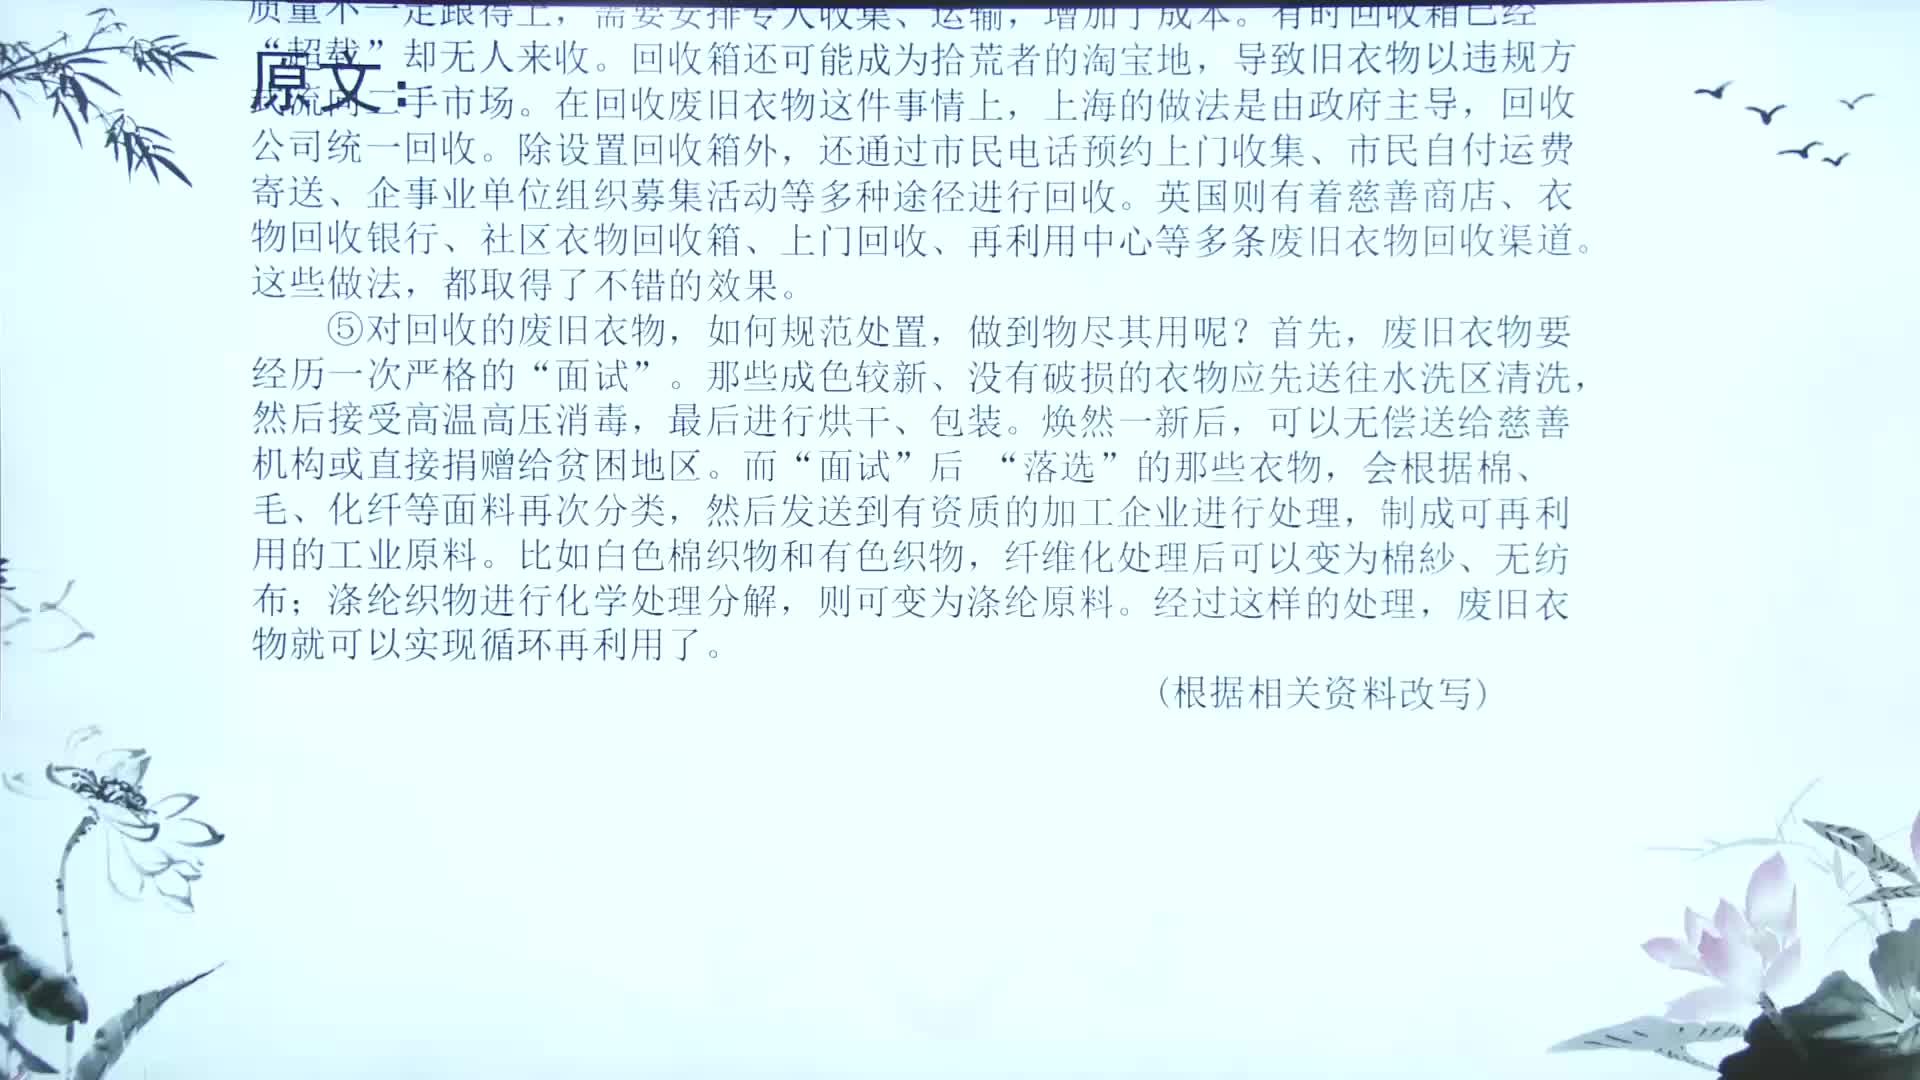 视频5 2017年杭州中考语文试卷解析之现代文阅读部分(二)-【慕联】2017年杭州中考语文试卷解析 视频5 2017年杭州中考语文试卷解析之现代文阅读部分(二)-【慕联】2017年杭州中考语文试卷解析 [来自e网通客户端]